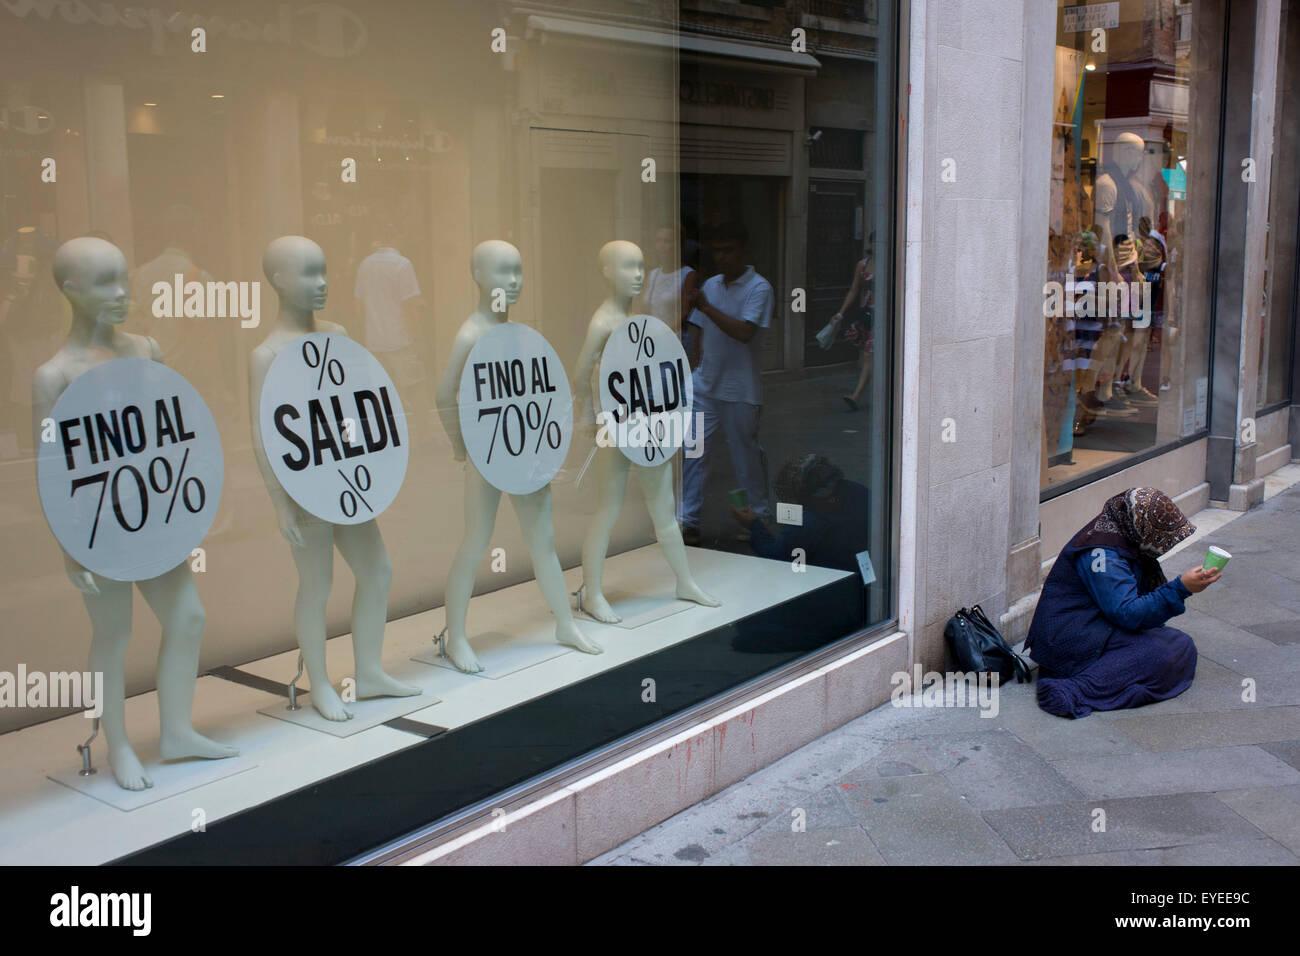 Une publicité mannequins de détail 70 % vente avec une femme mendiant de la rue dans le quartier Photo Stock